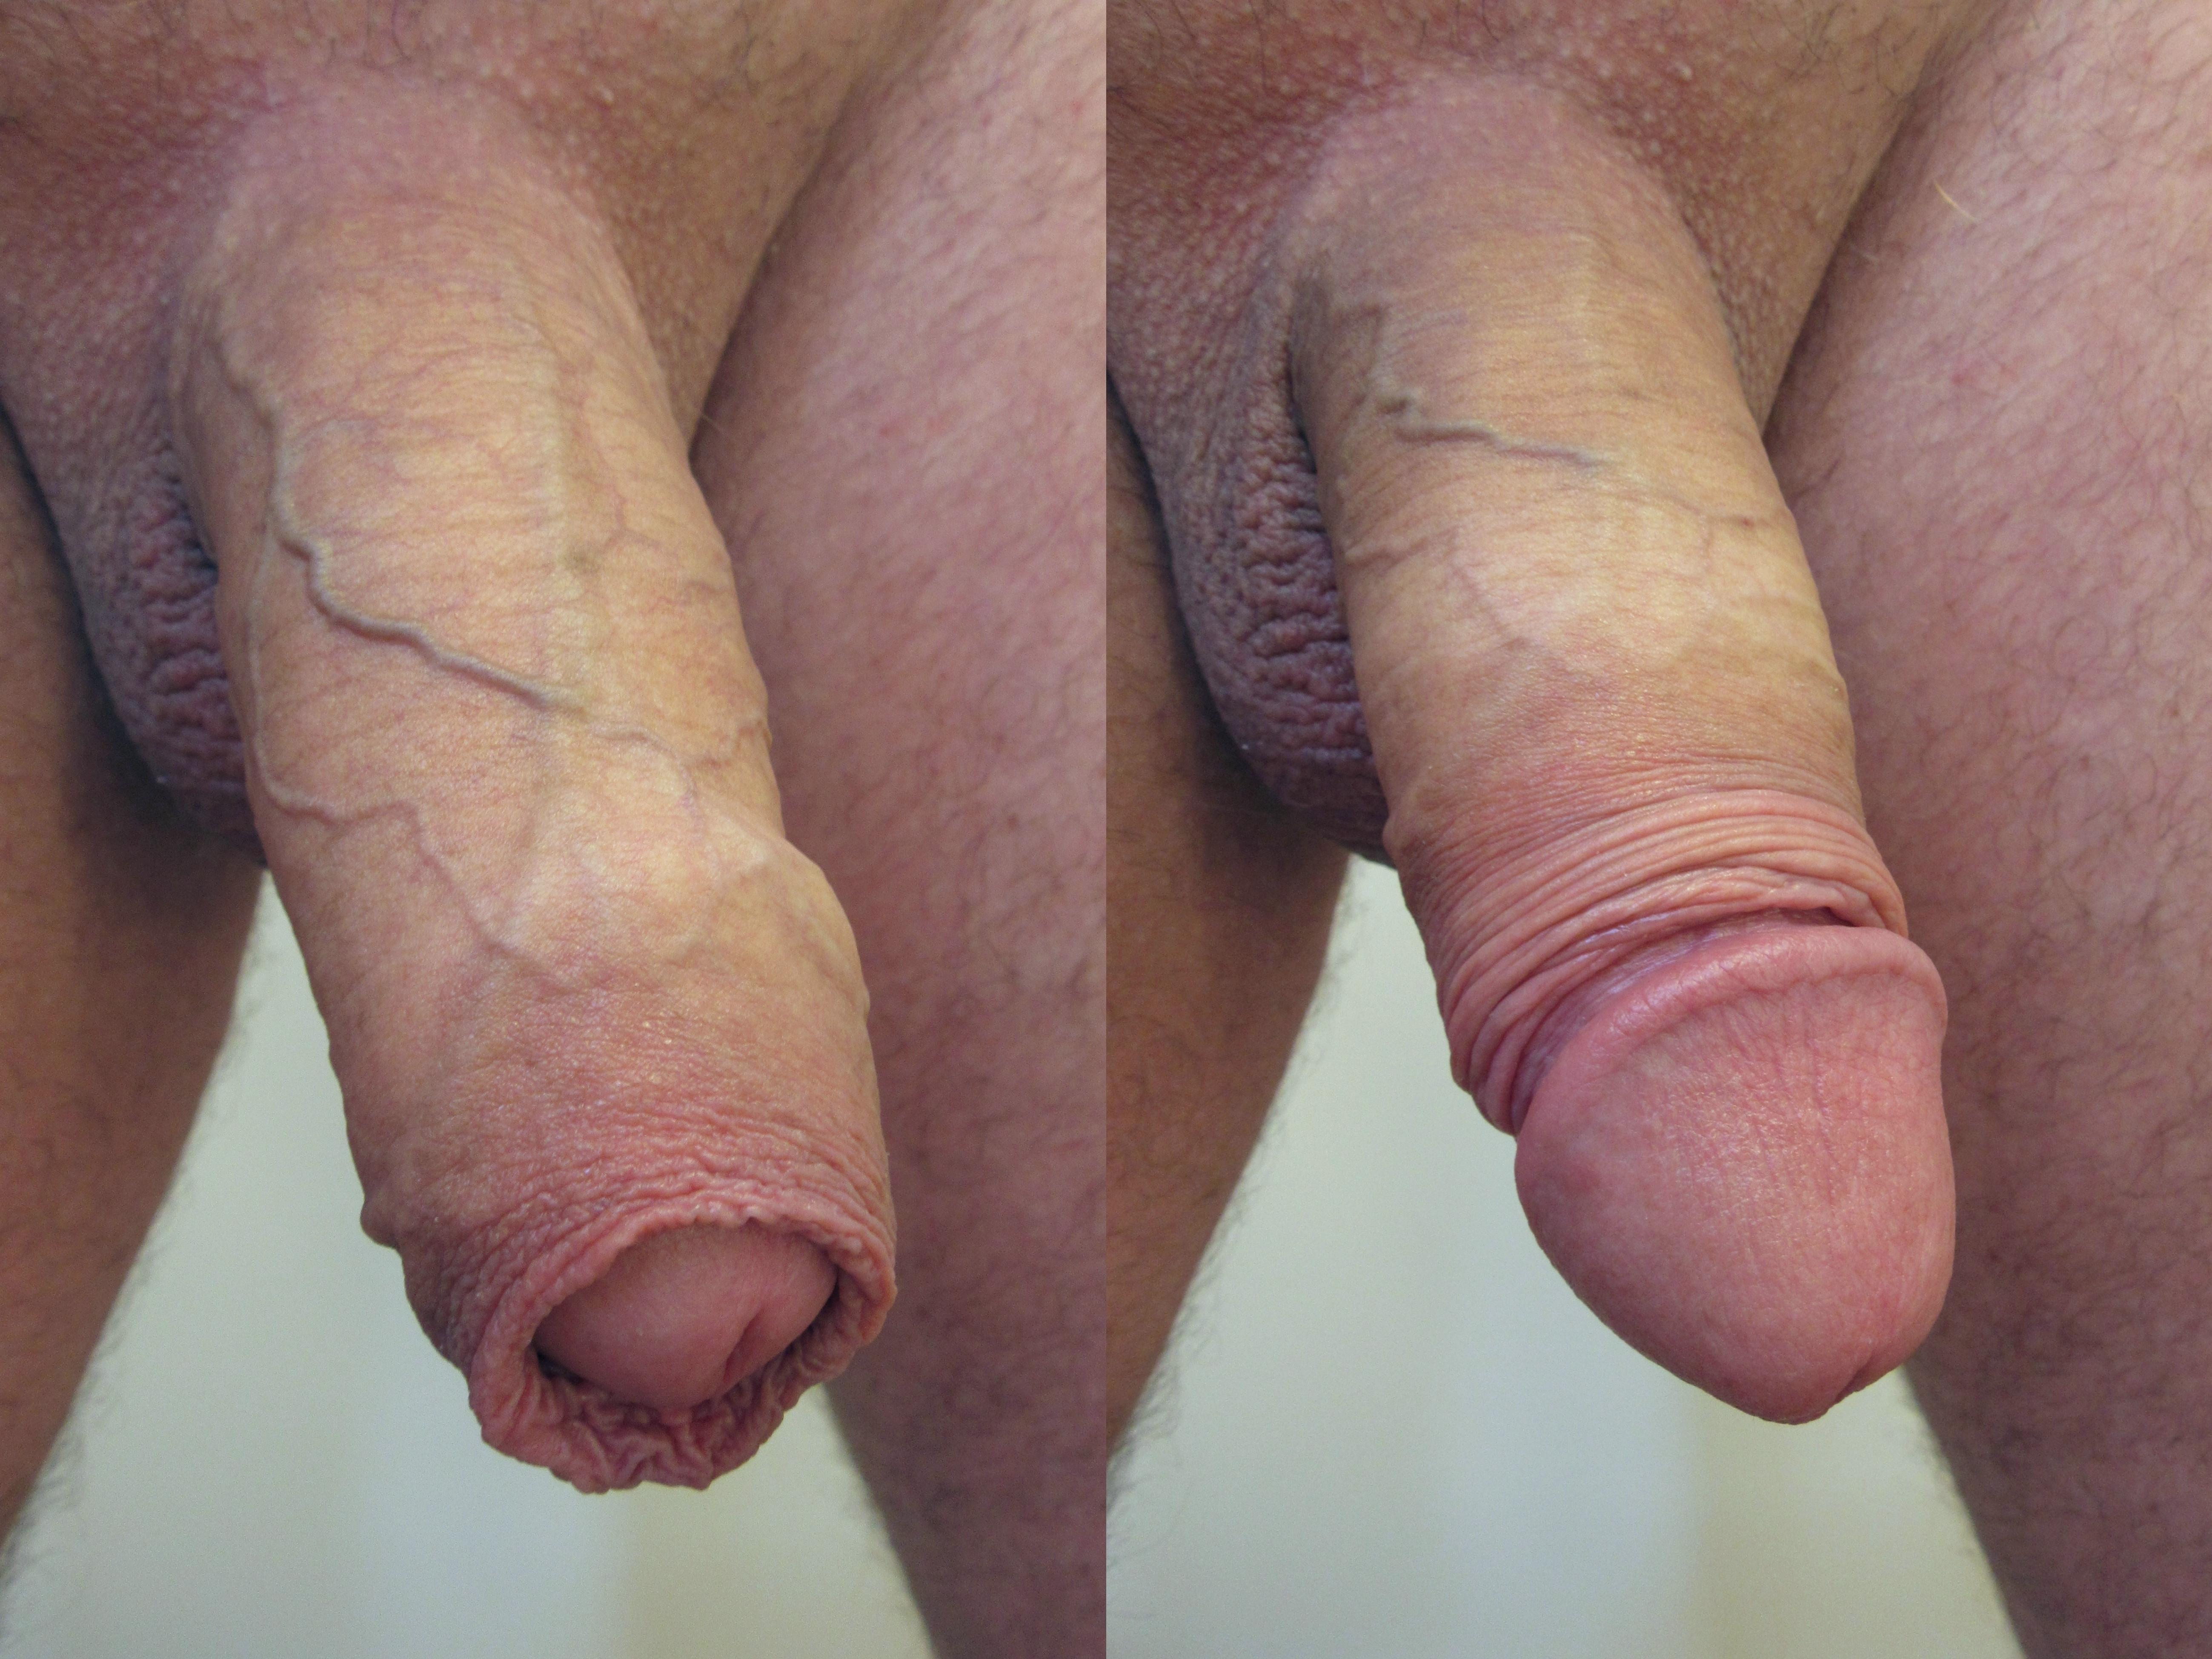 duży ładny penis czerwony seks